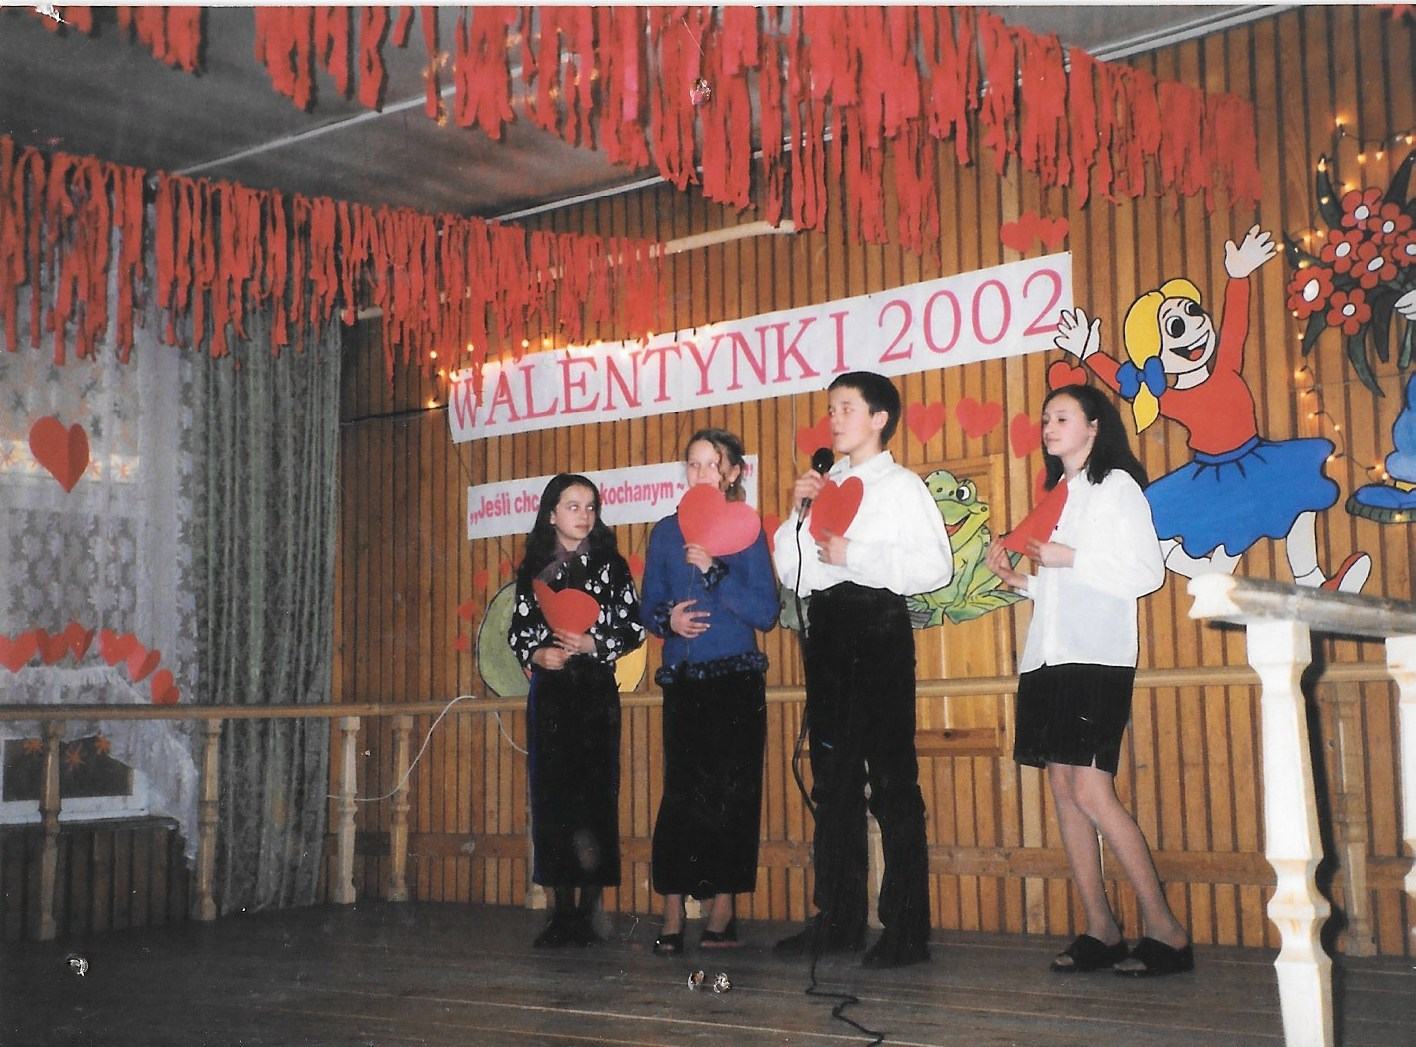 Walentynki, 202